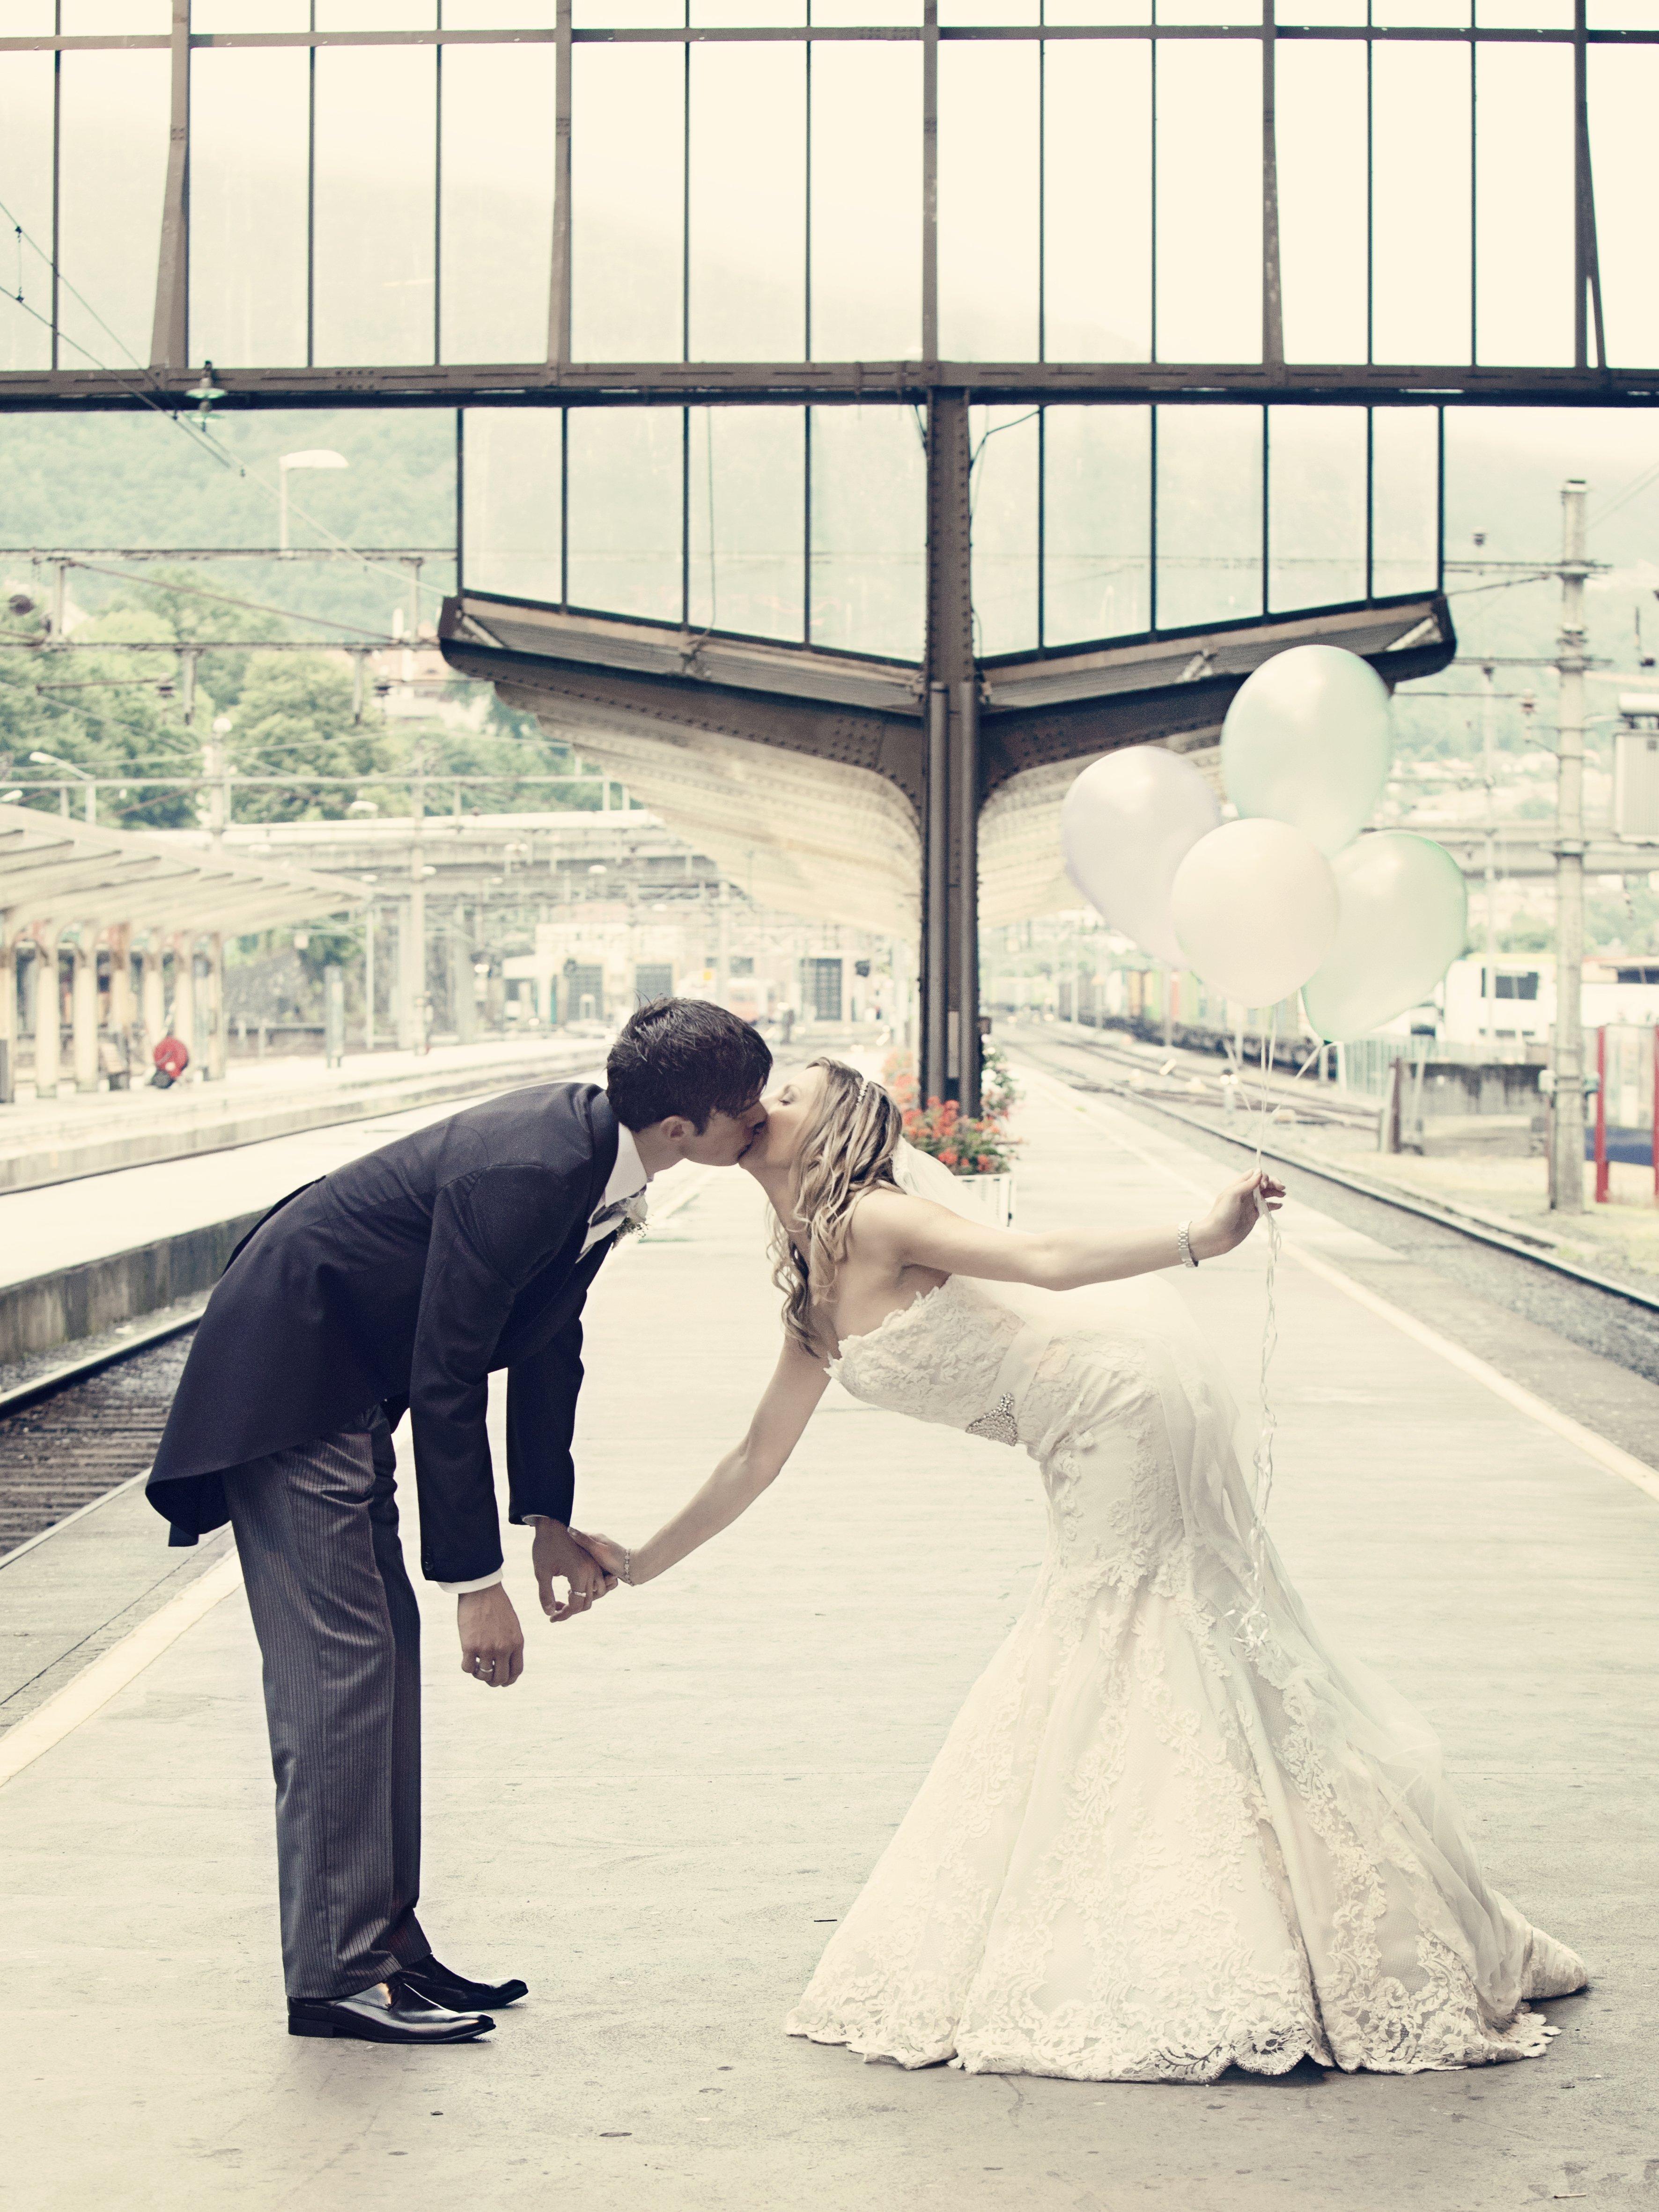 c48012e63d0a Come fare a sposarsi quando si vive lontani